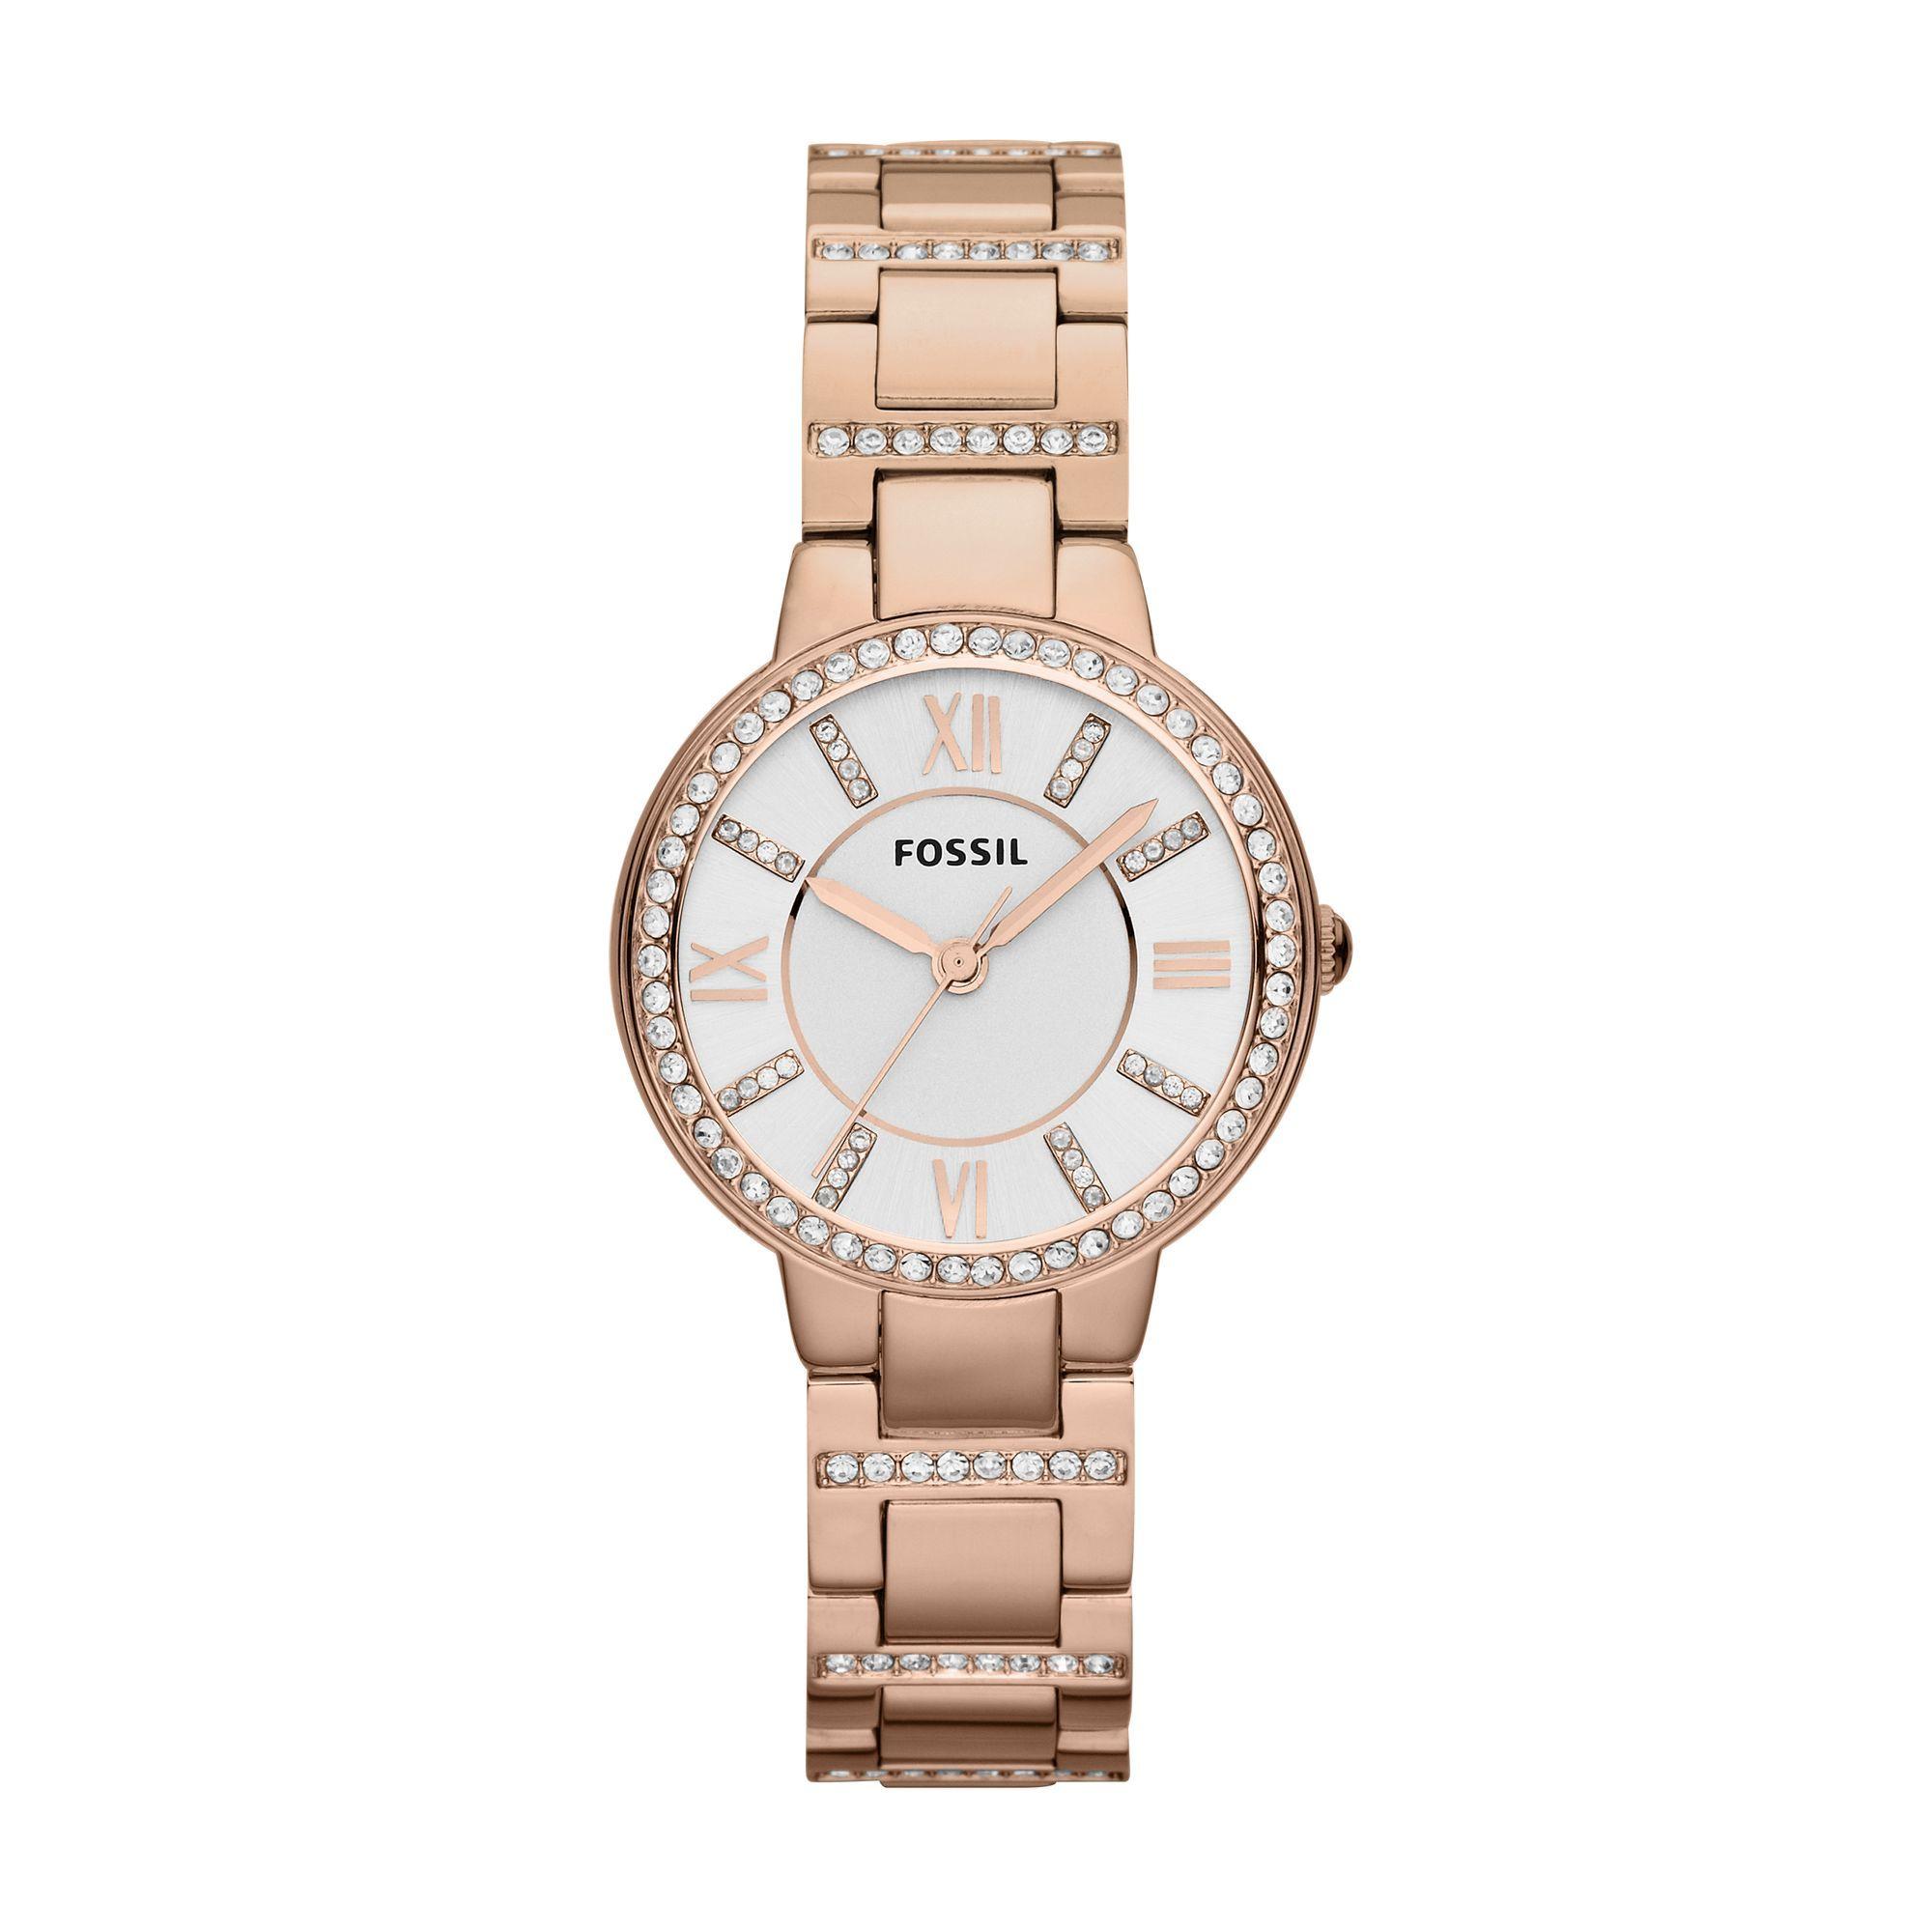 Grazile Damen Schmuckband-Uhr mit Glamour Glitzer. Funkelnde Zirkonia-Steine auf dem Zifferblatt, rund um das Uhrglas und auf dem Armband. So lassen Sie Ihre Fossil-Uhr ES3284 gravieren. mehrzeilig mit Logo im Bogen seitlich Bestellen Sie jetzt die Fossil ES3284 mit persönlicher Gravur.